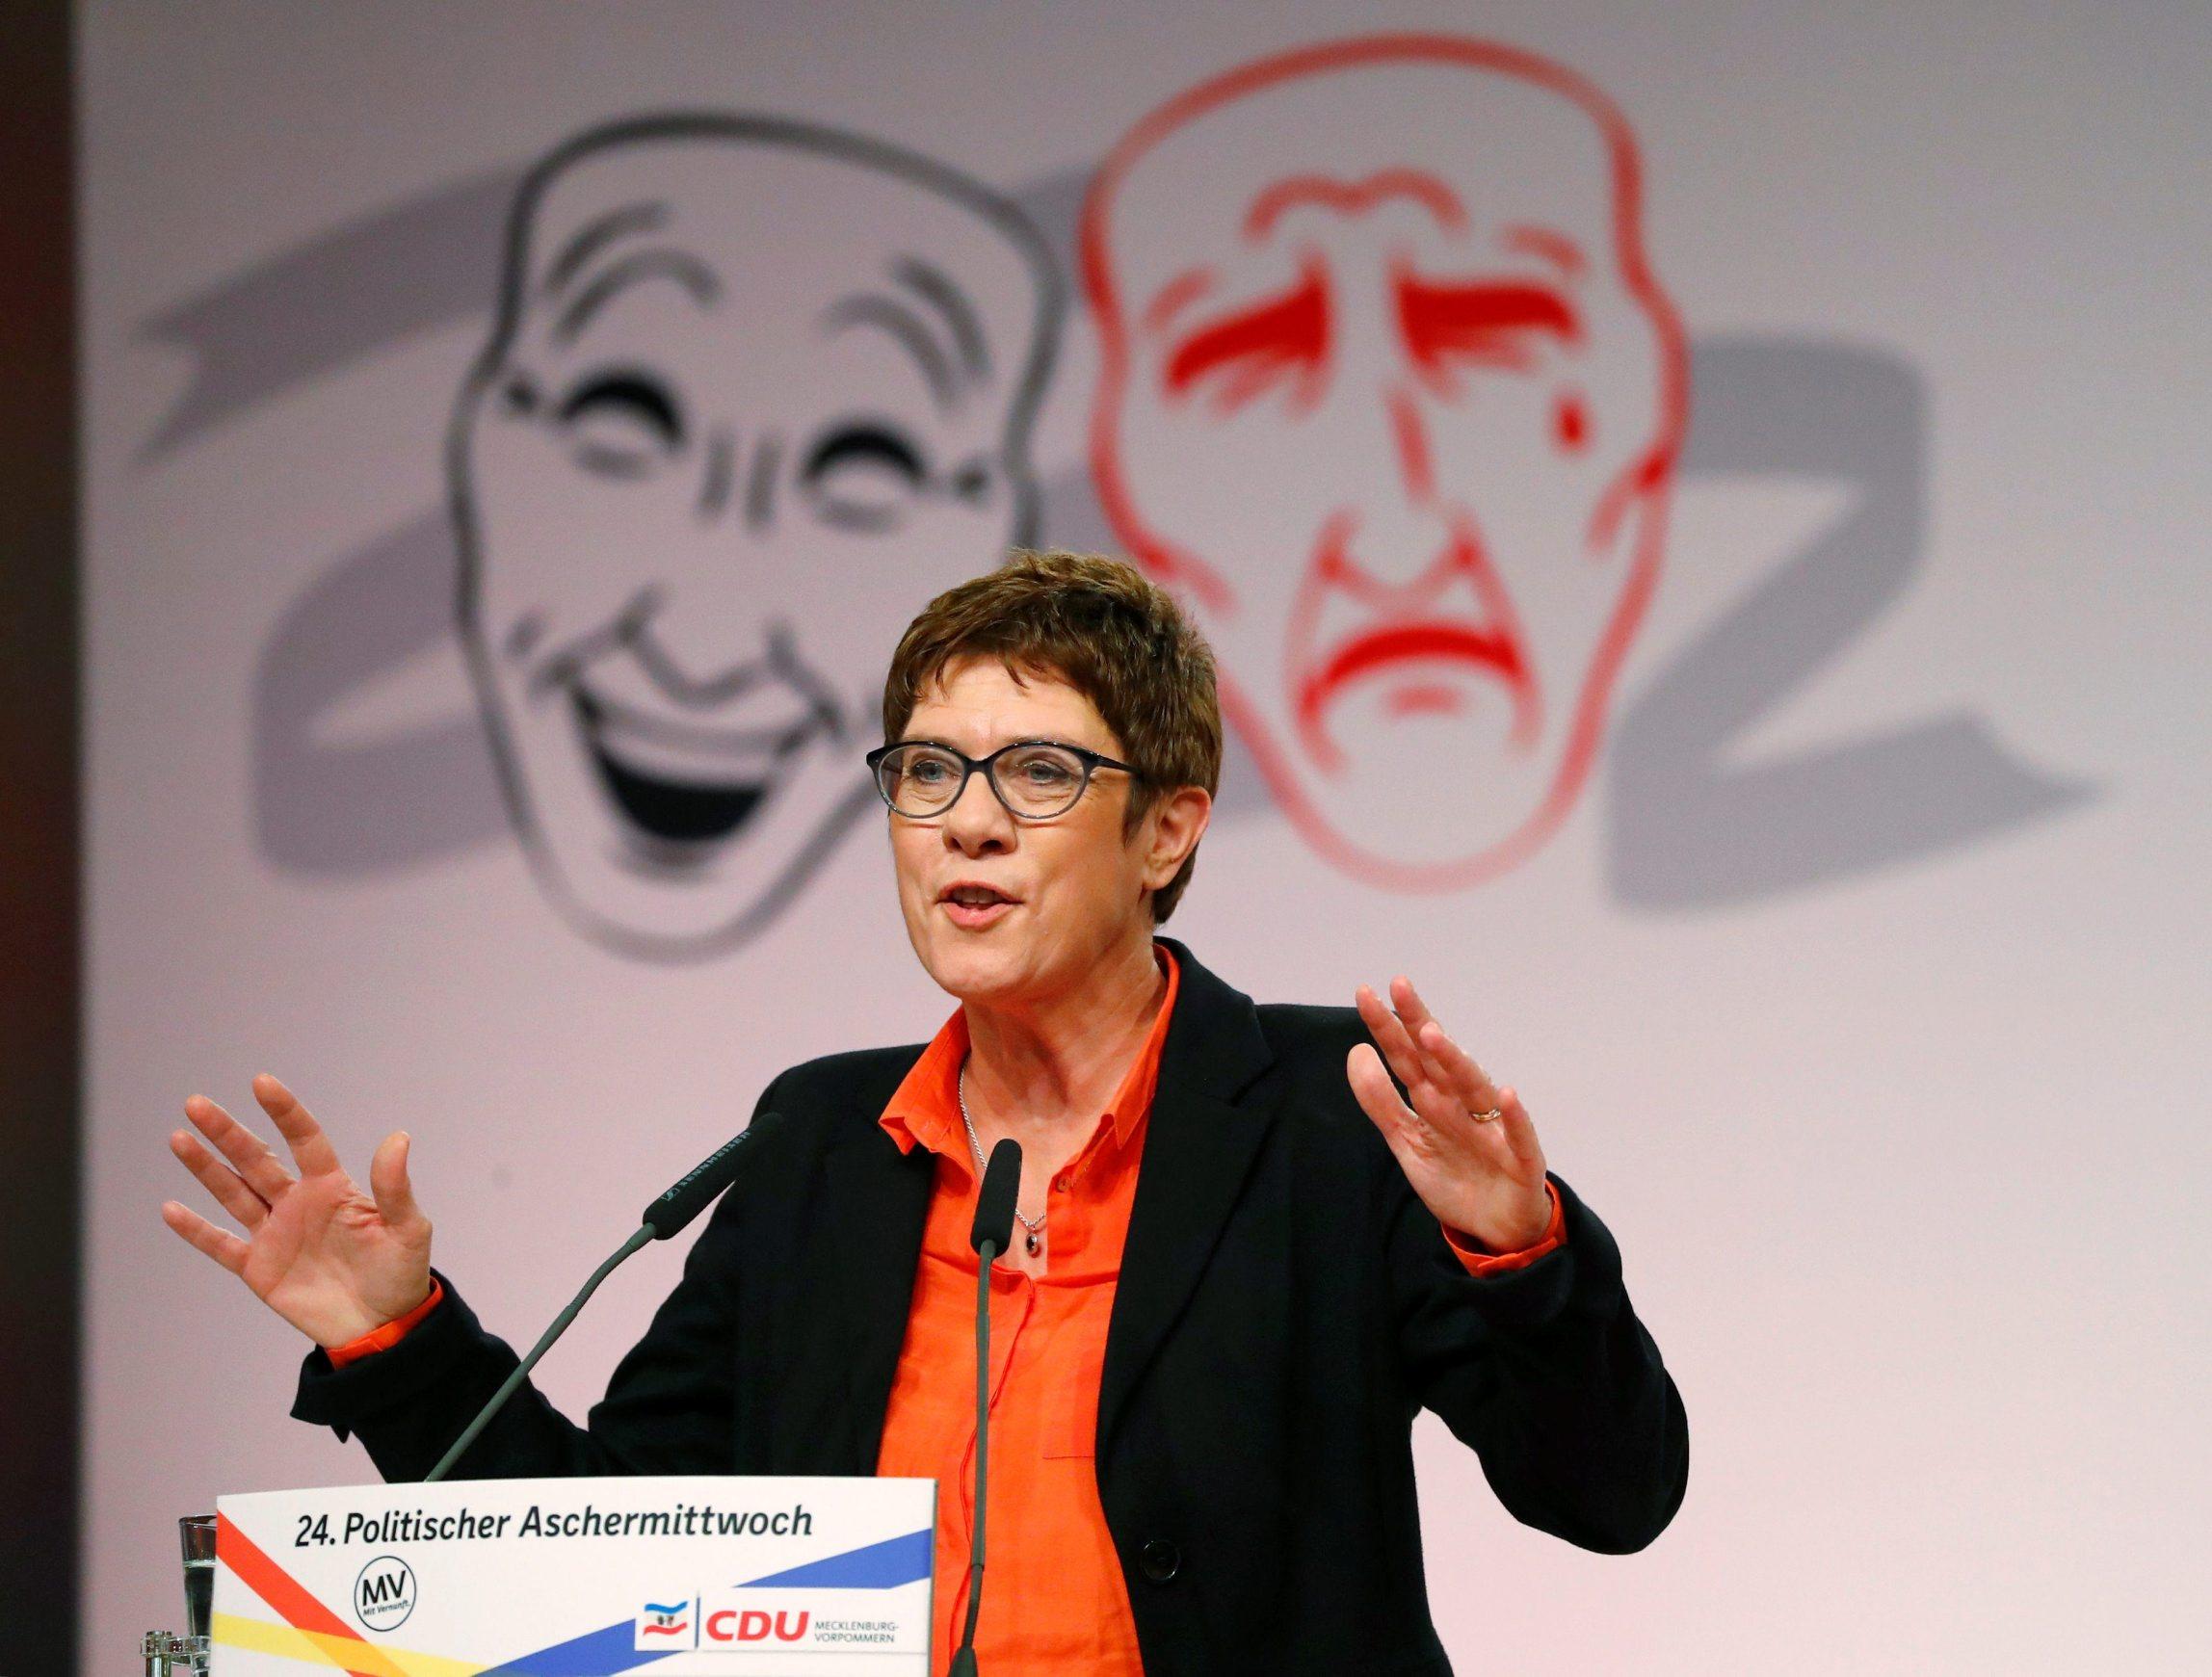 Annegret Kramp-Karrenbauer, predsjednica CDU-a, održala je tradicionalni politički govor na Pepelnicu